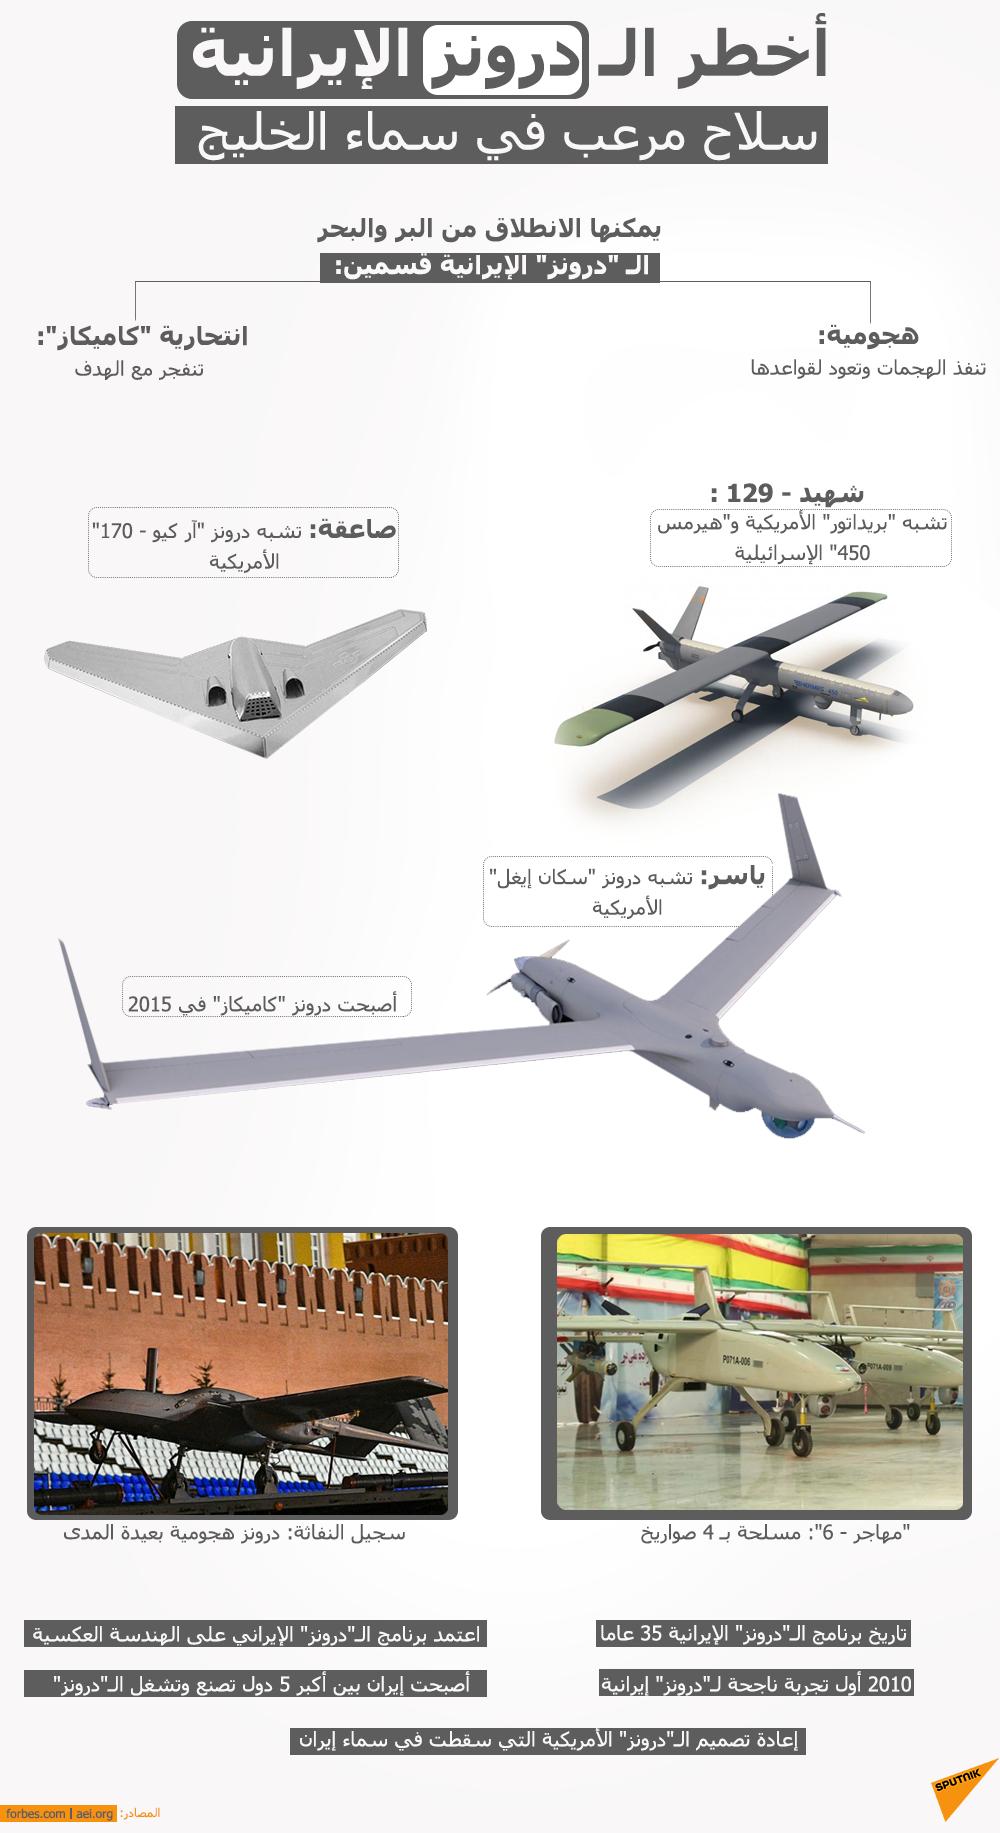 إنفوجرافيك.. أخطر الدرونز الإيرانية.. سلاح مرعب في سماء الخليج